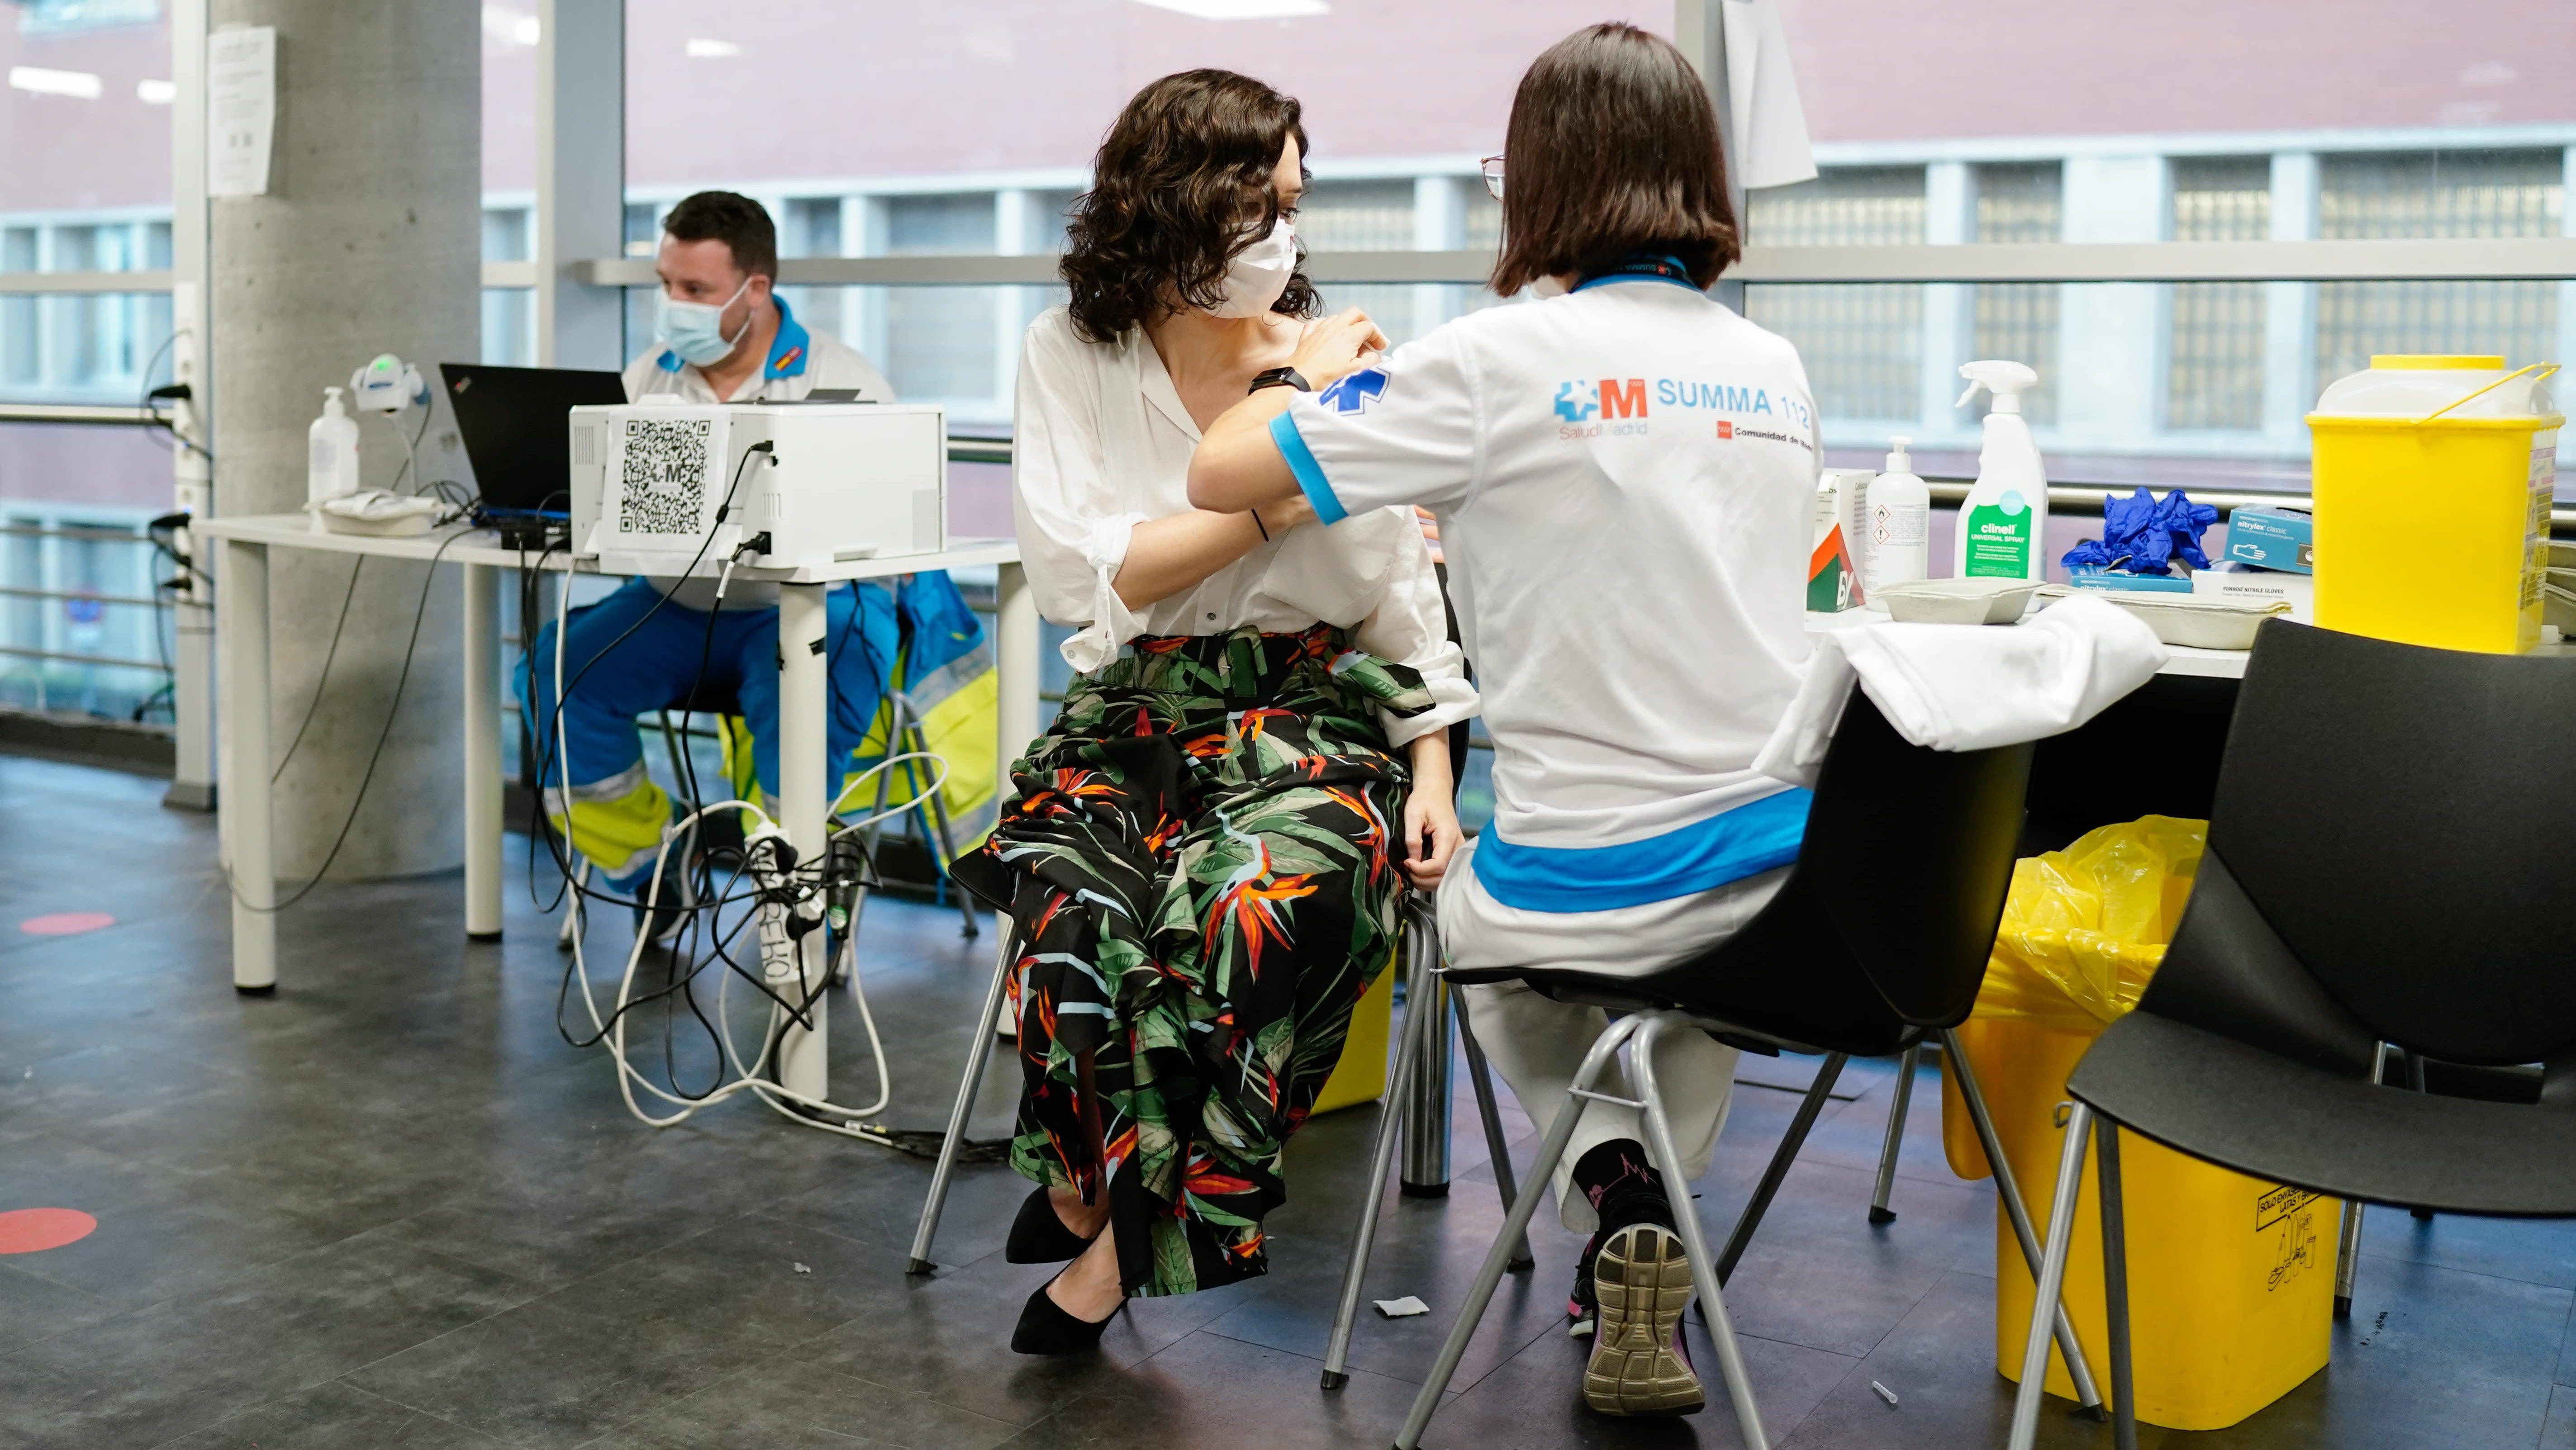 La presidenta de la Comunidad de Madrid, Isabel Díaz Ayuso, siendo vacunada contra la covid.